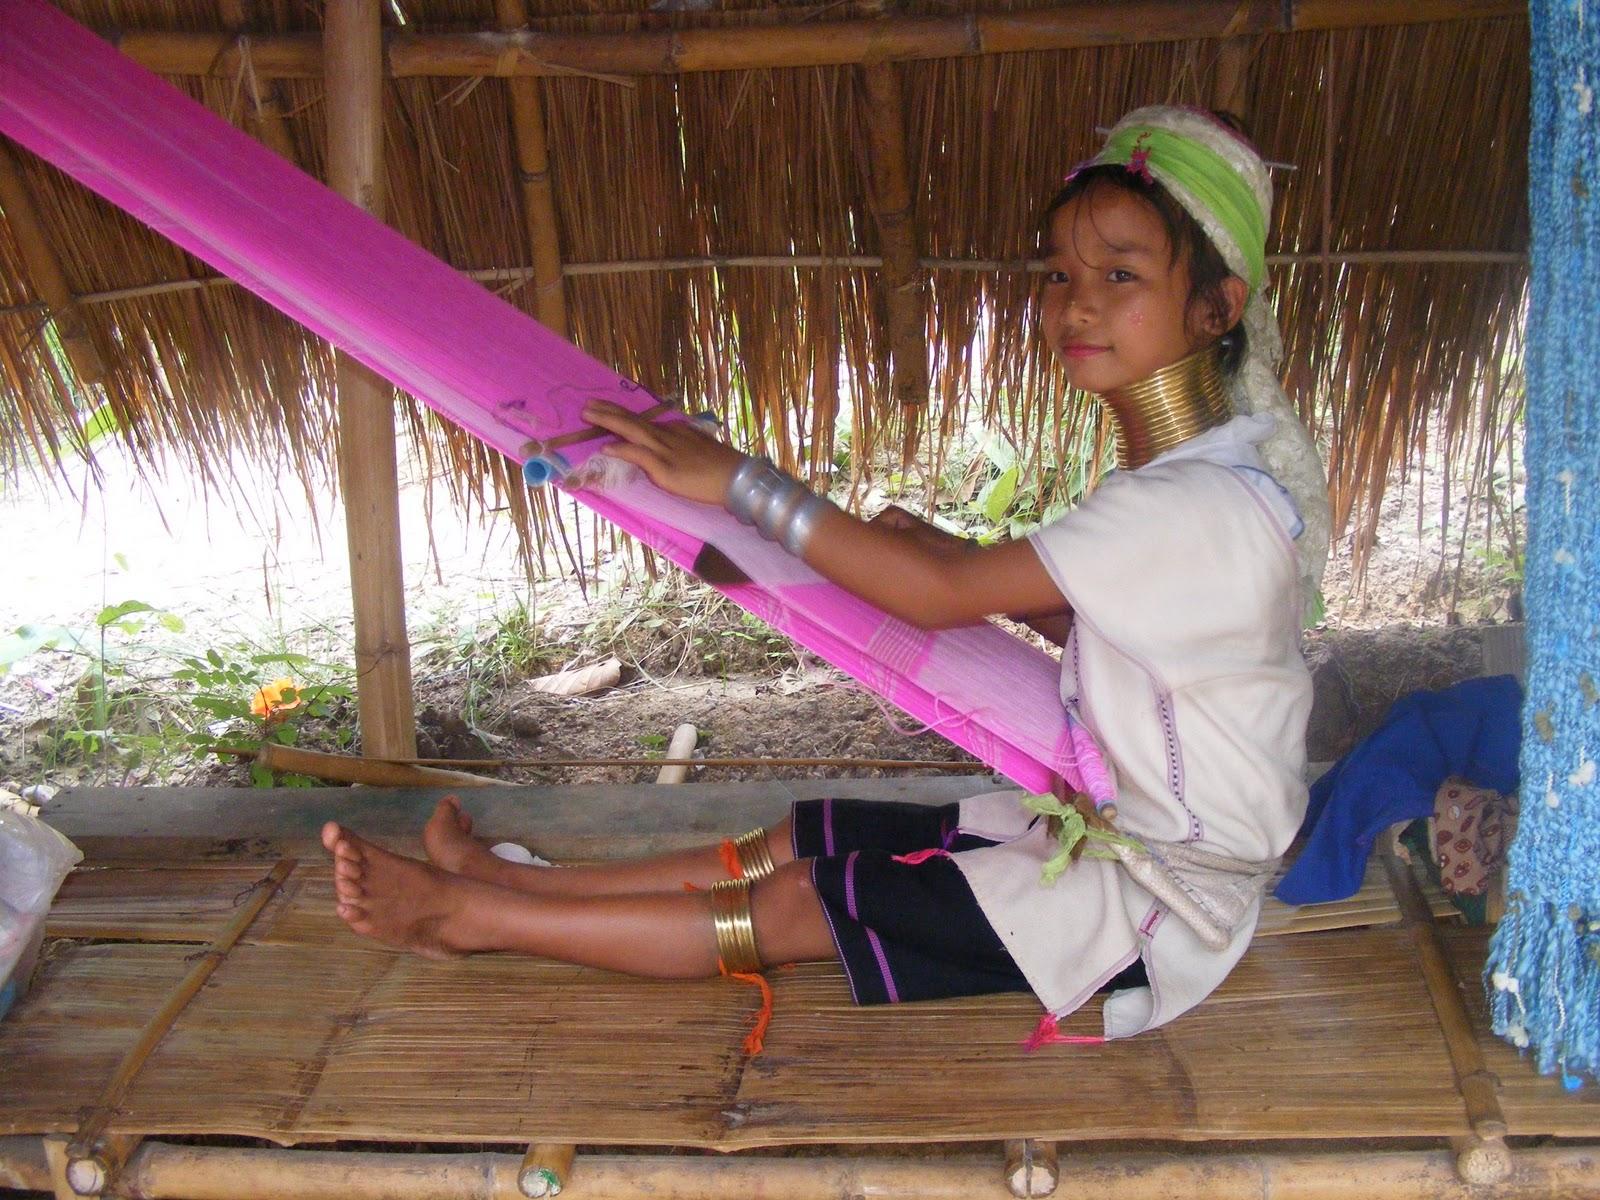 http://4.bp.blogspot.com/_xbp4Gp3yJRg/TPLxCW_UUjI/AAAAAAAAAC8/RcePSuTFlv8/s1600/Karen+girl.jpg